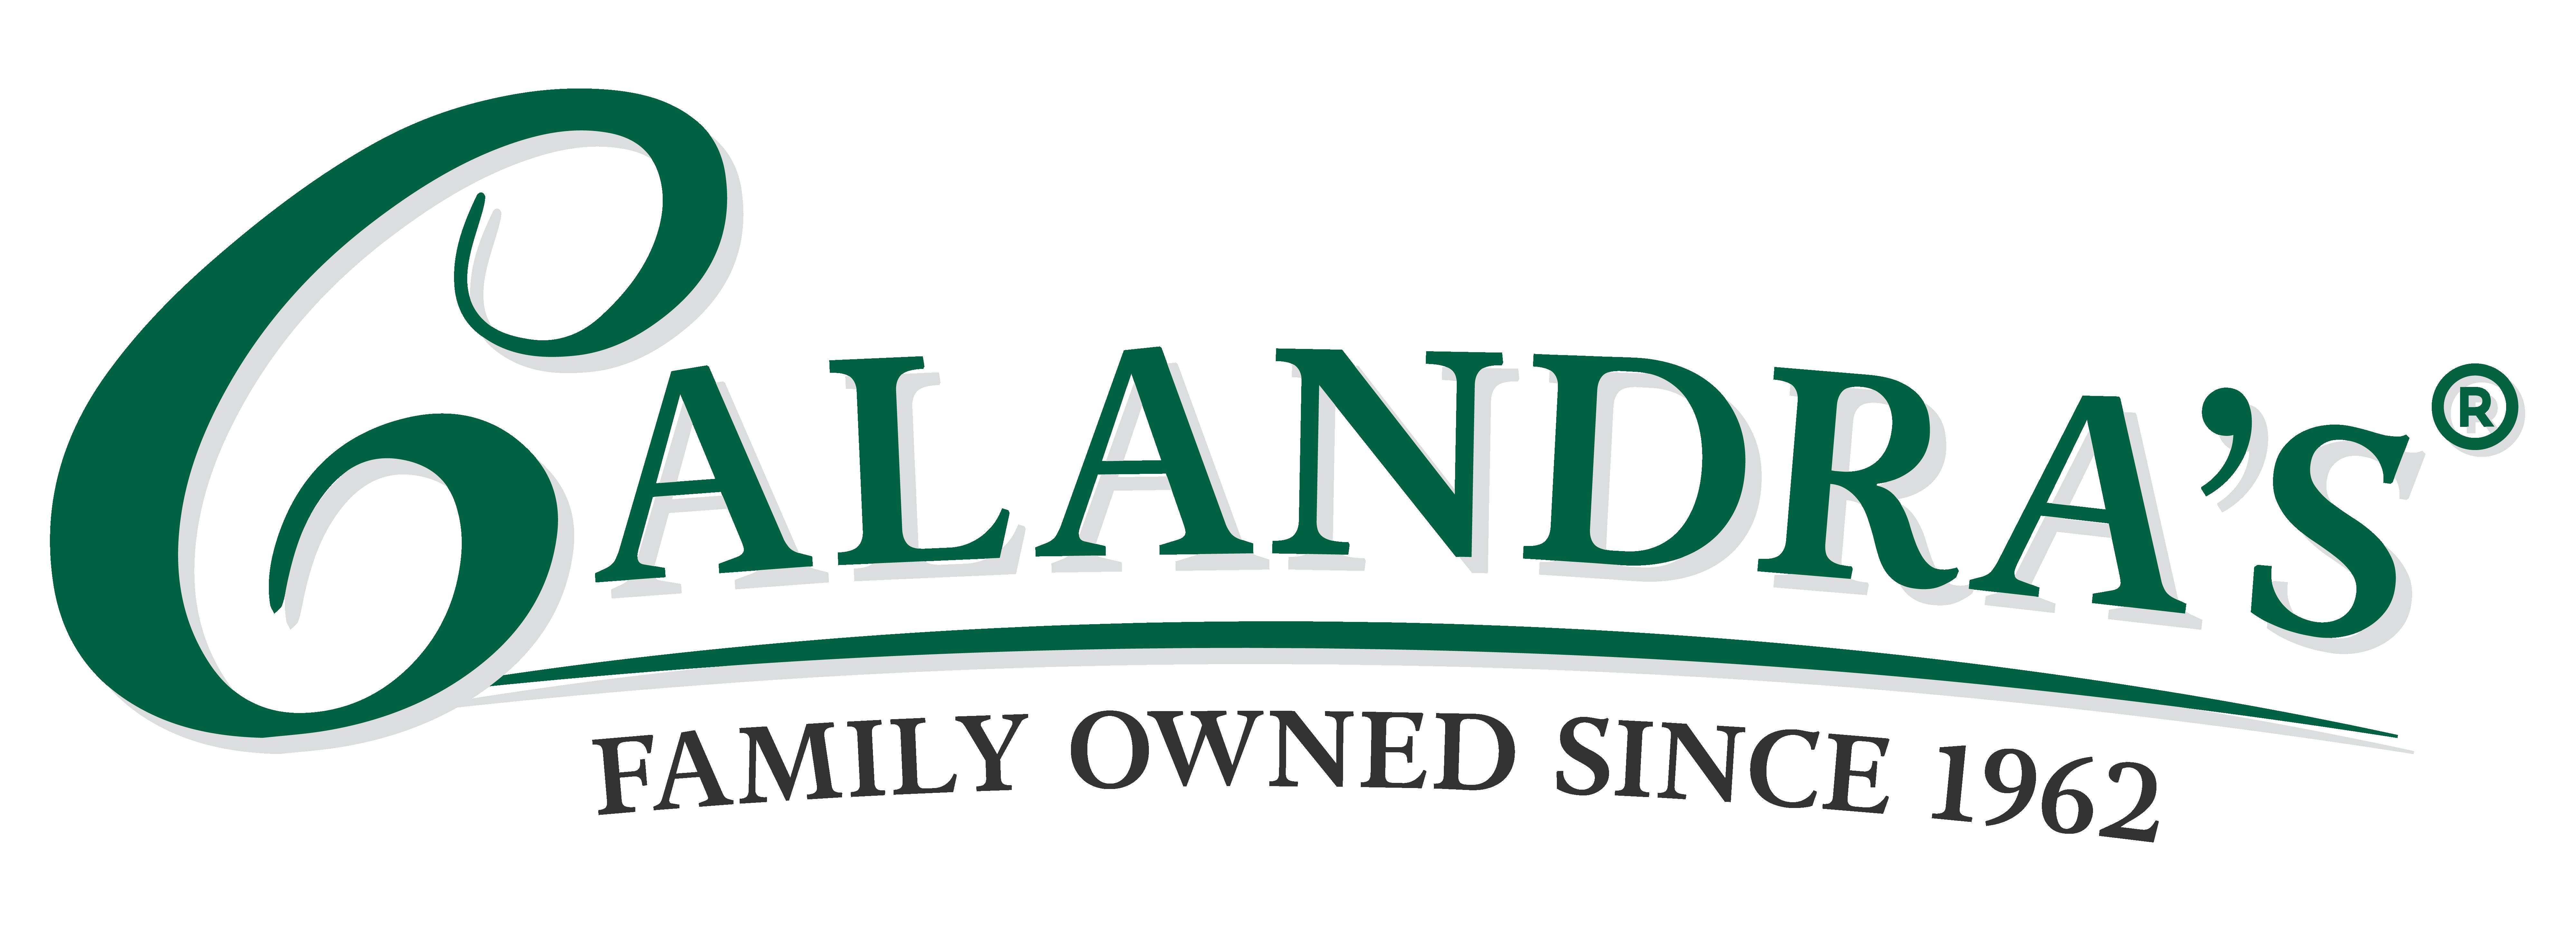 Calandra's Main Logo